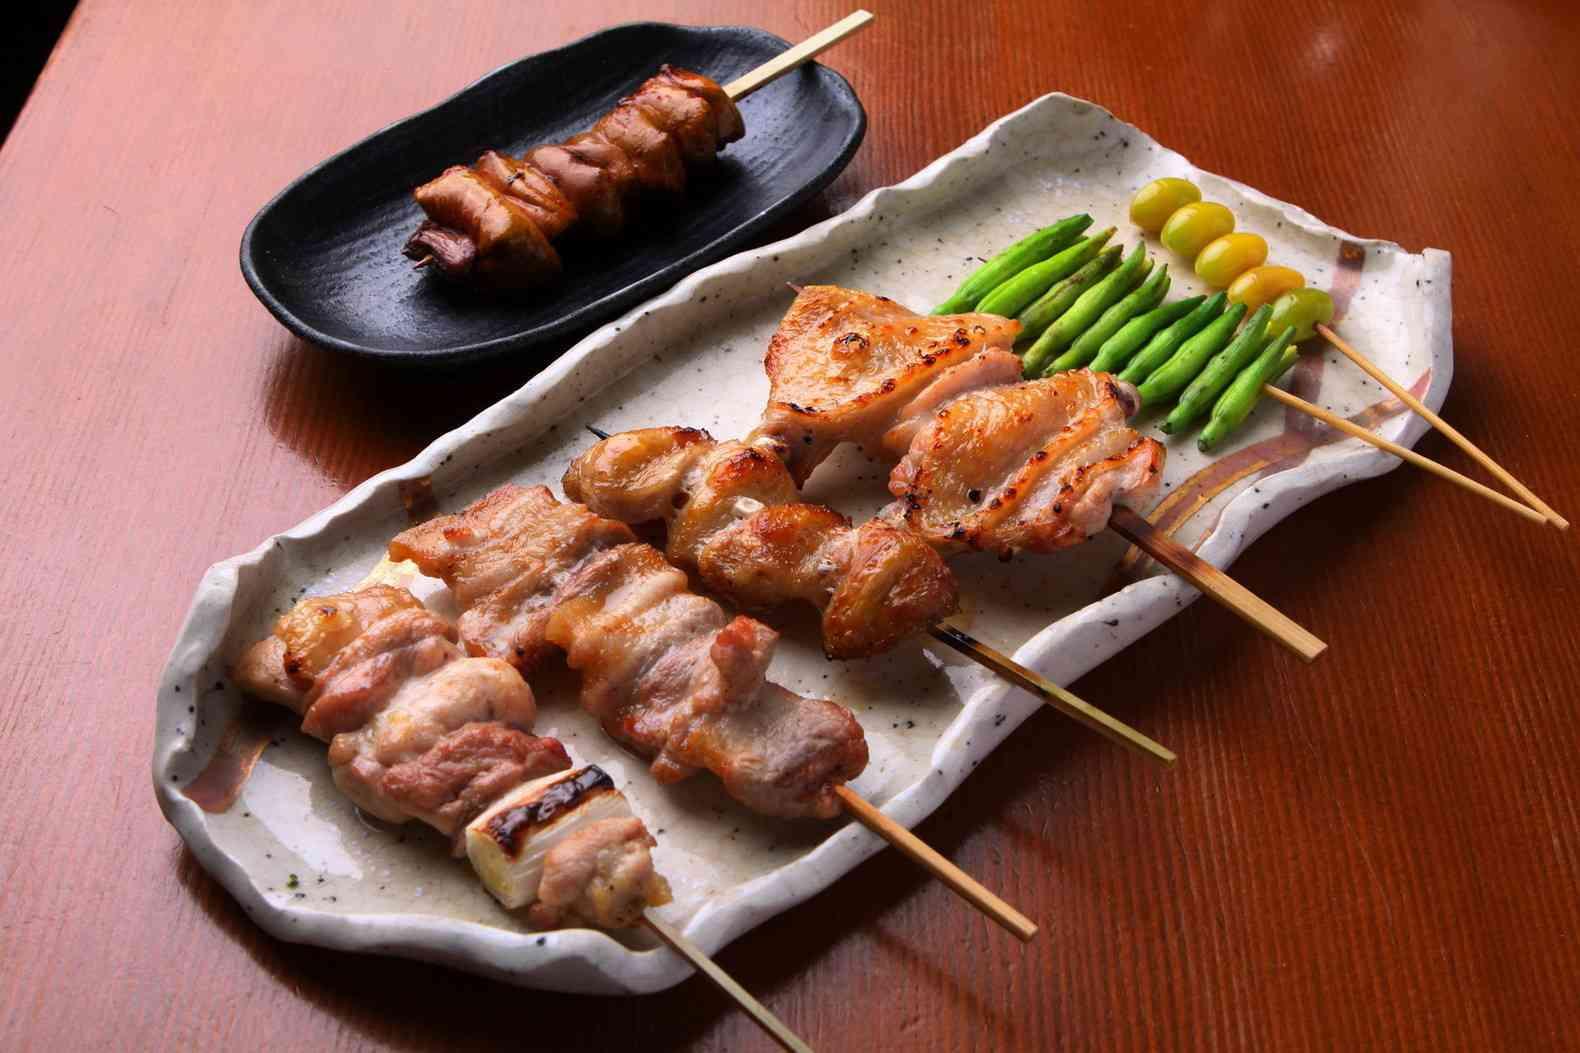 ここに行くのがオススメ!恵比寿の焼き鳥が美味しい居酒屋5選!